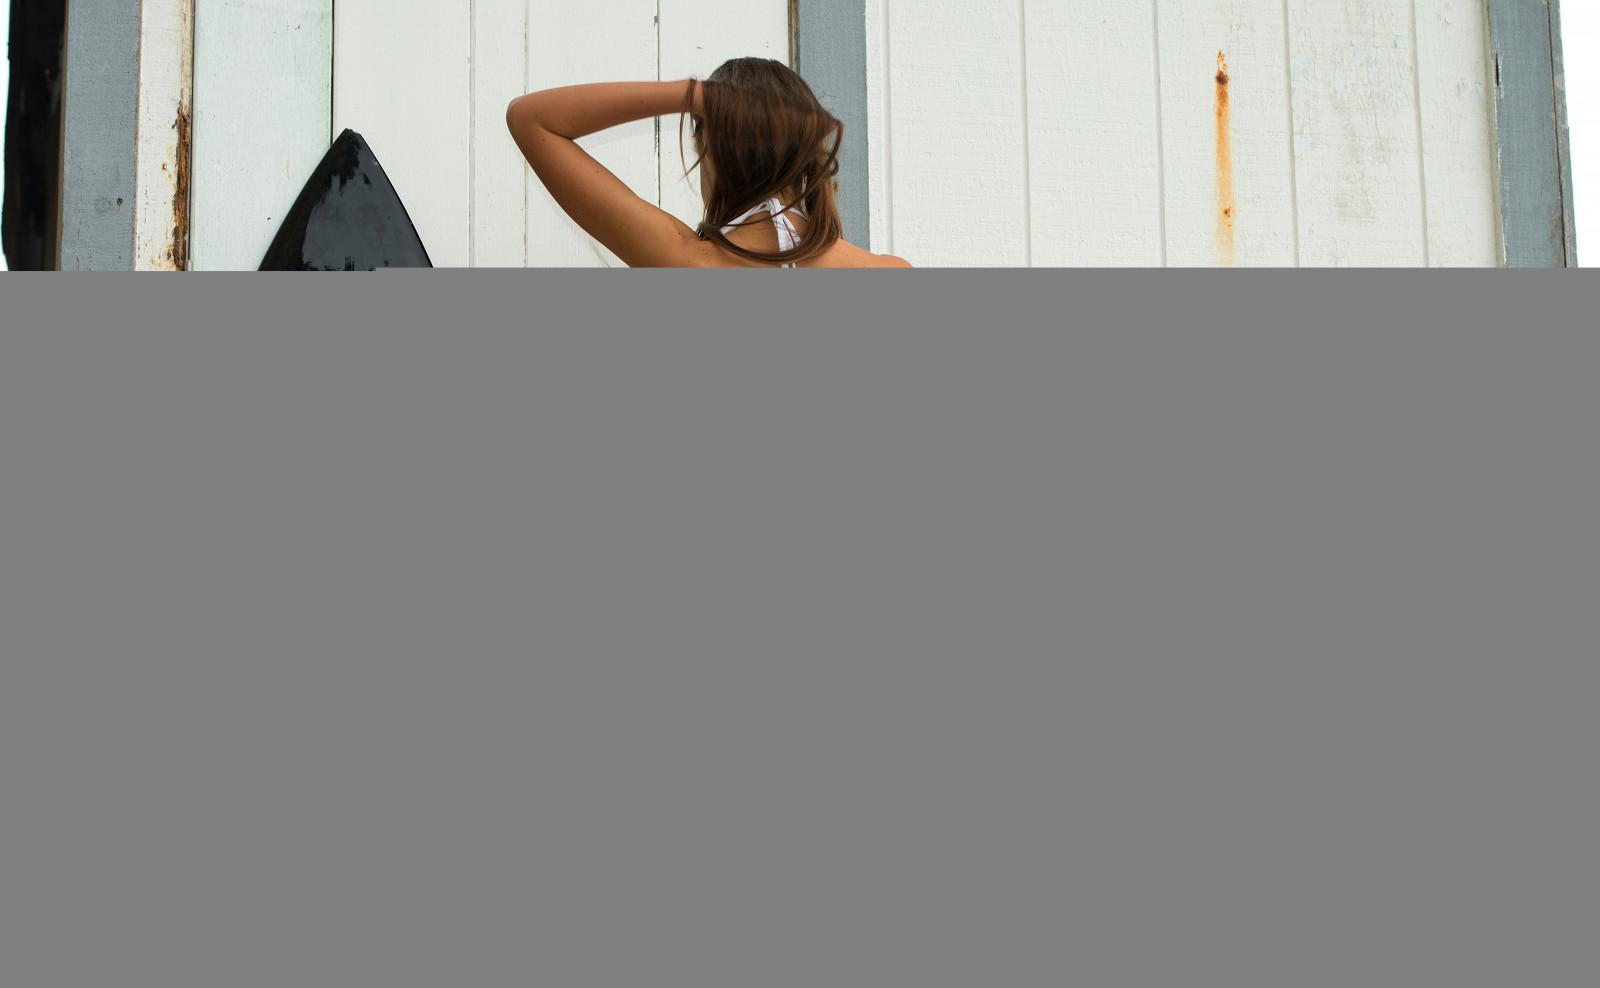 obrázky horkých černých žen zralá porno zdarma